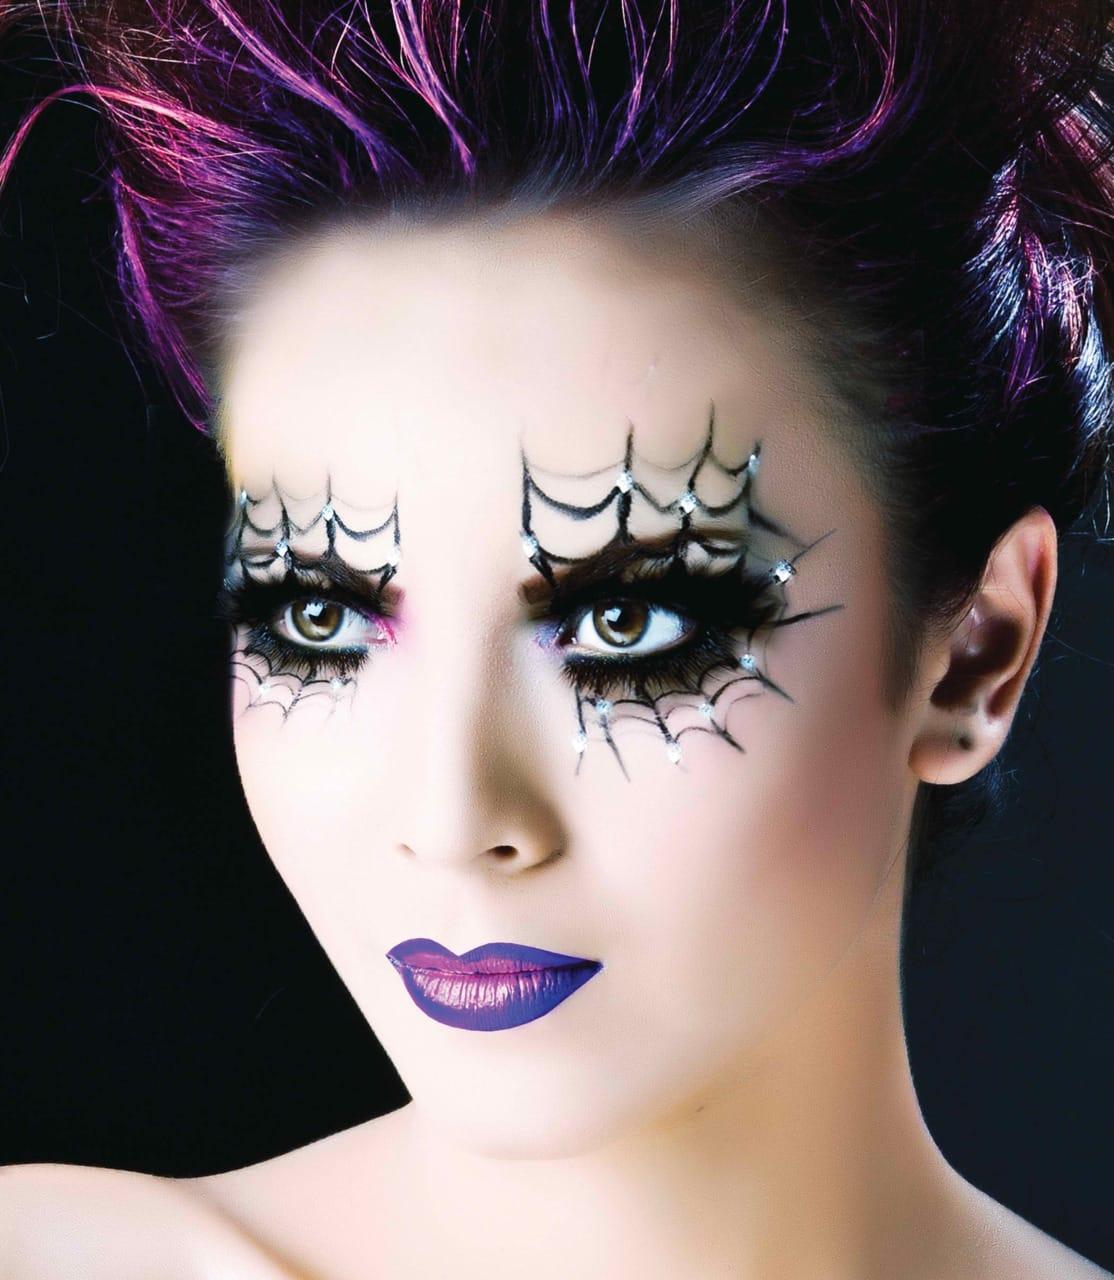 37 ideas de maquillaje para halloween para mujeres paso a paso for Como pintarse de bruja guapa